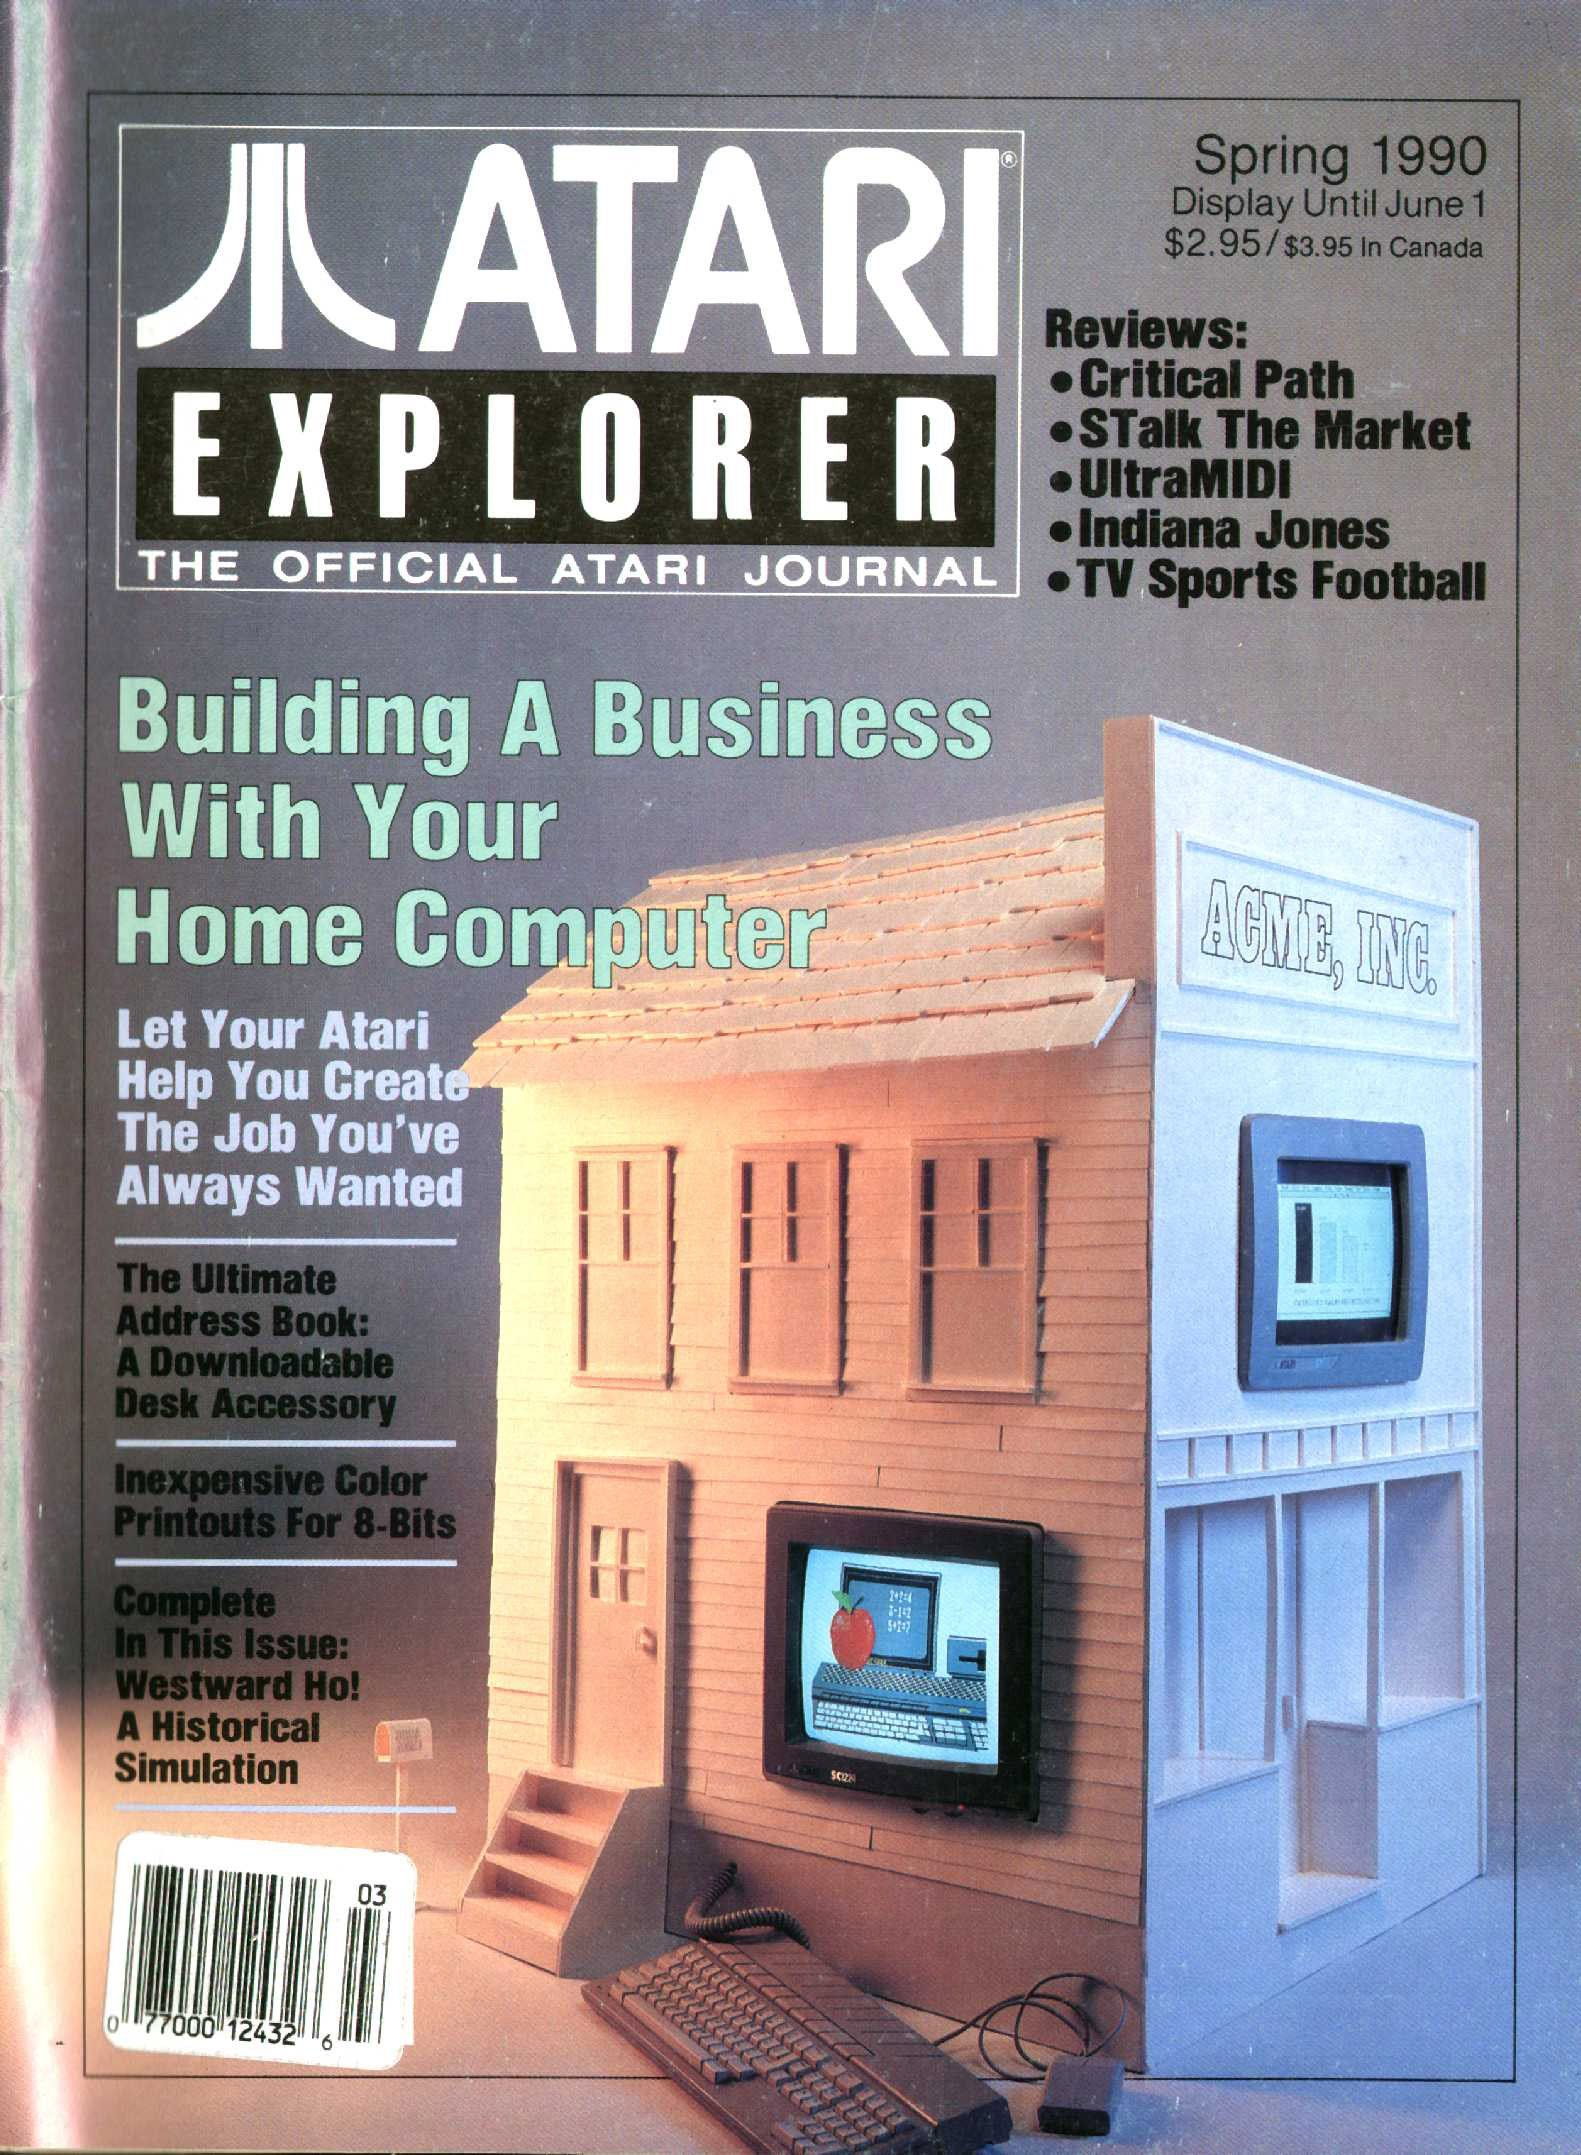 Atari Explorer Issue 25 (Spring 1990)